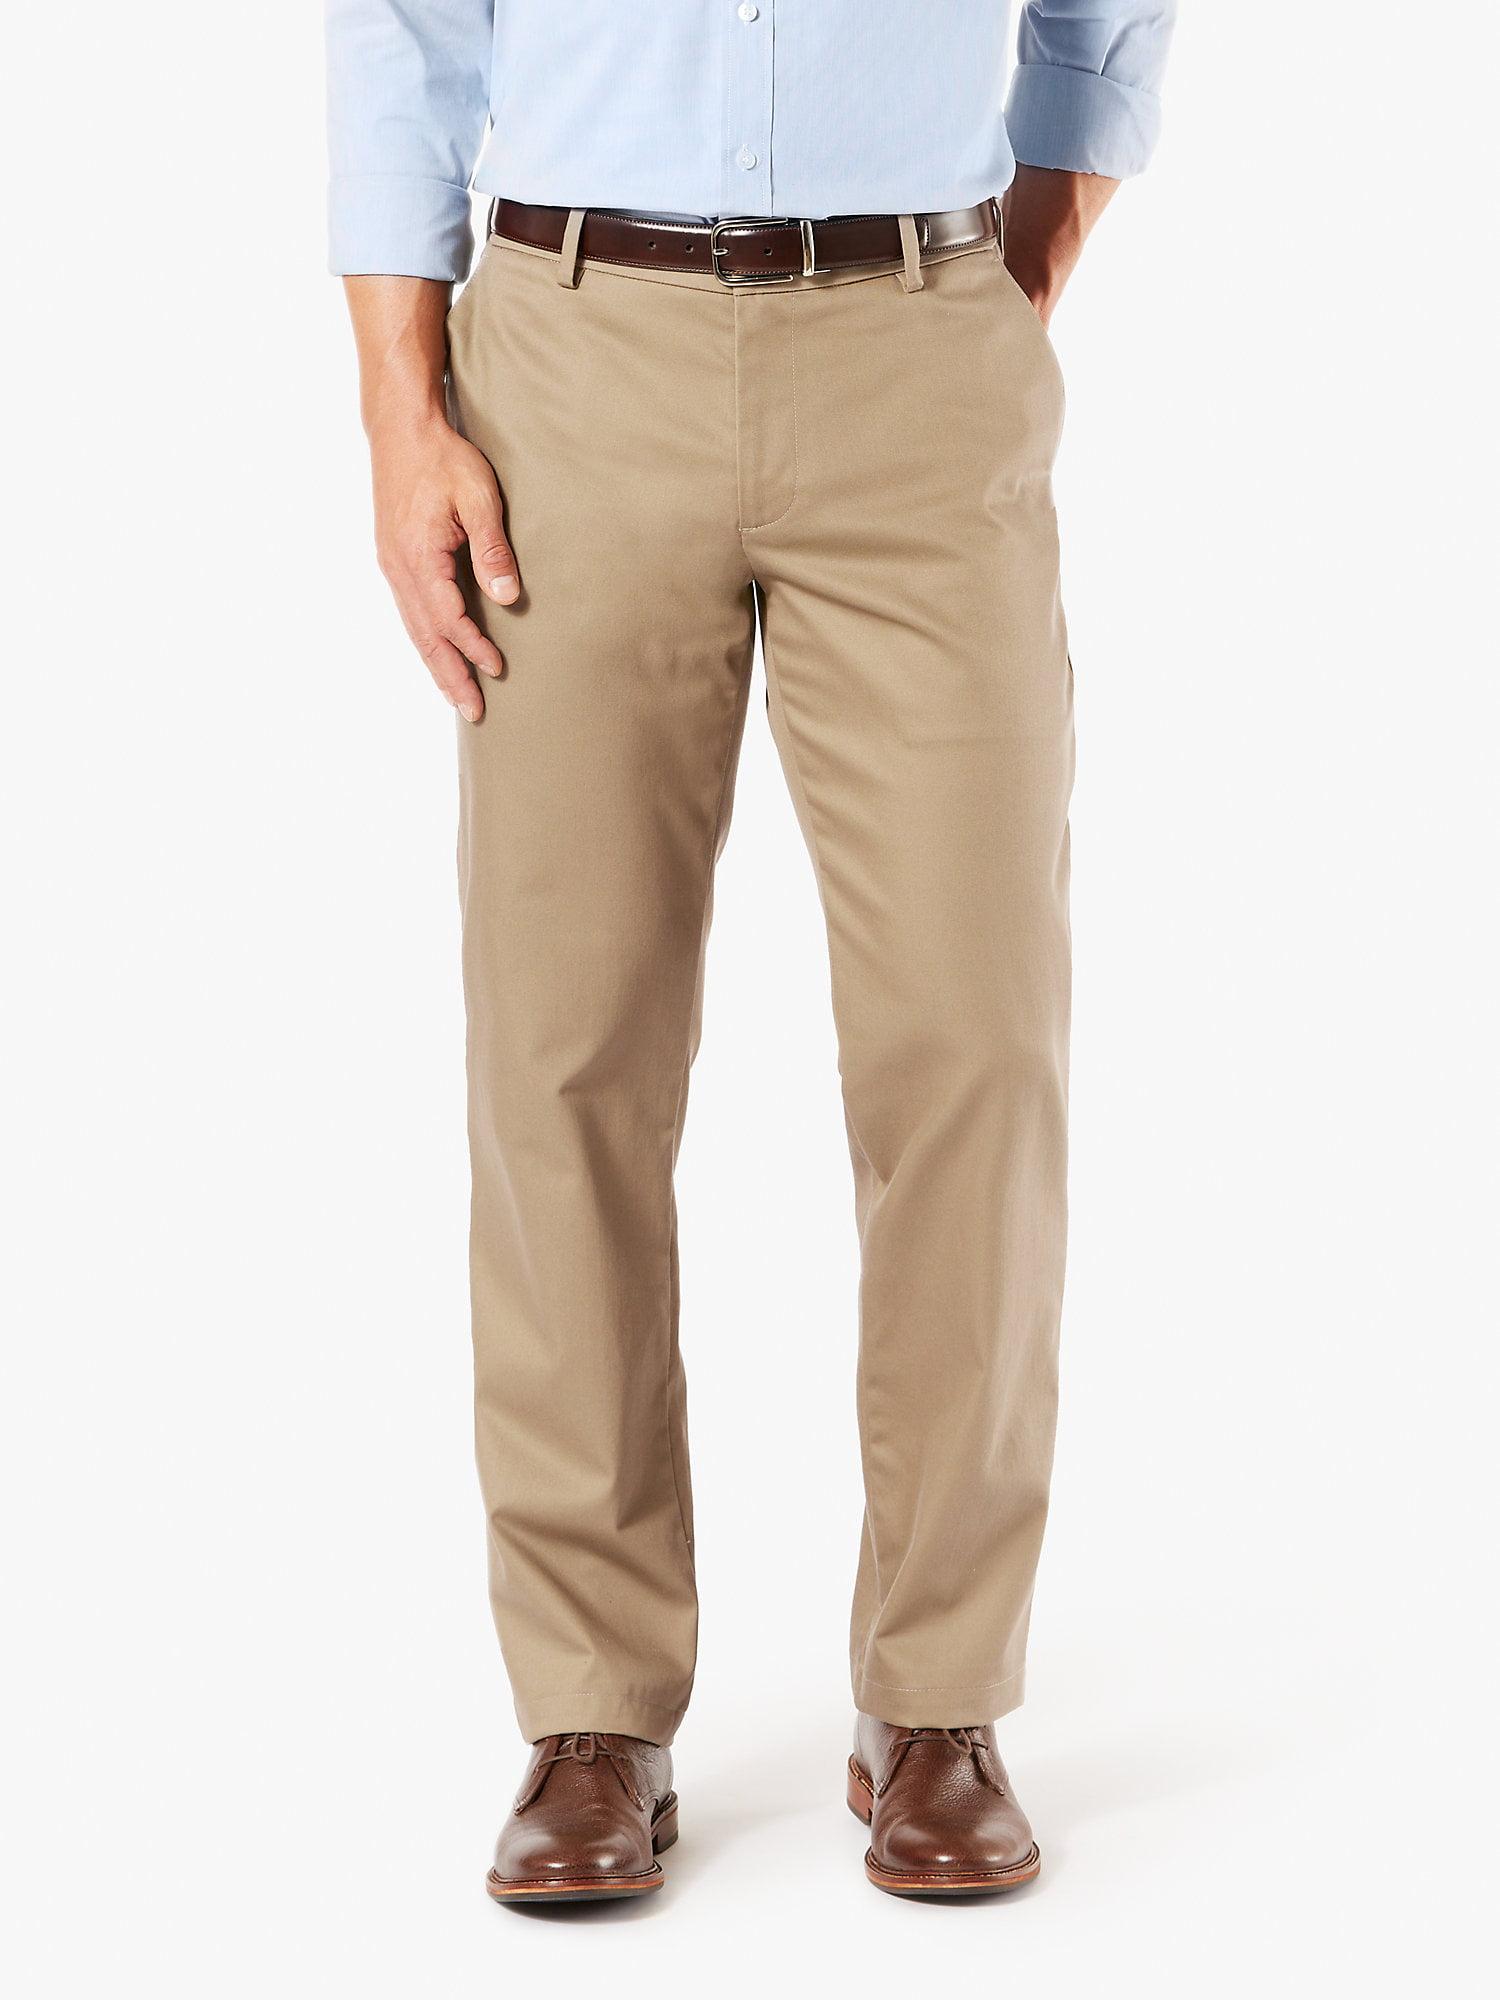 I Love Trashgarbage Tvtelevision Mens Casual Shorts Pants